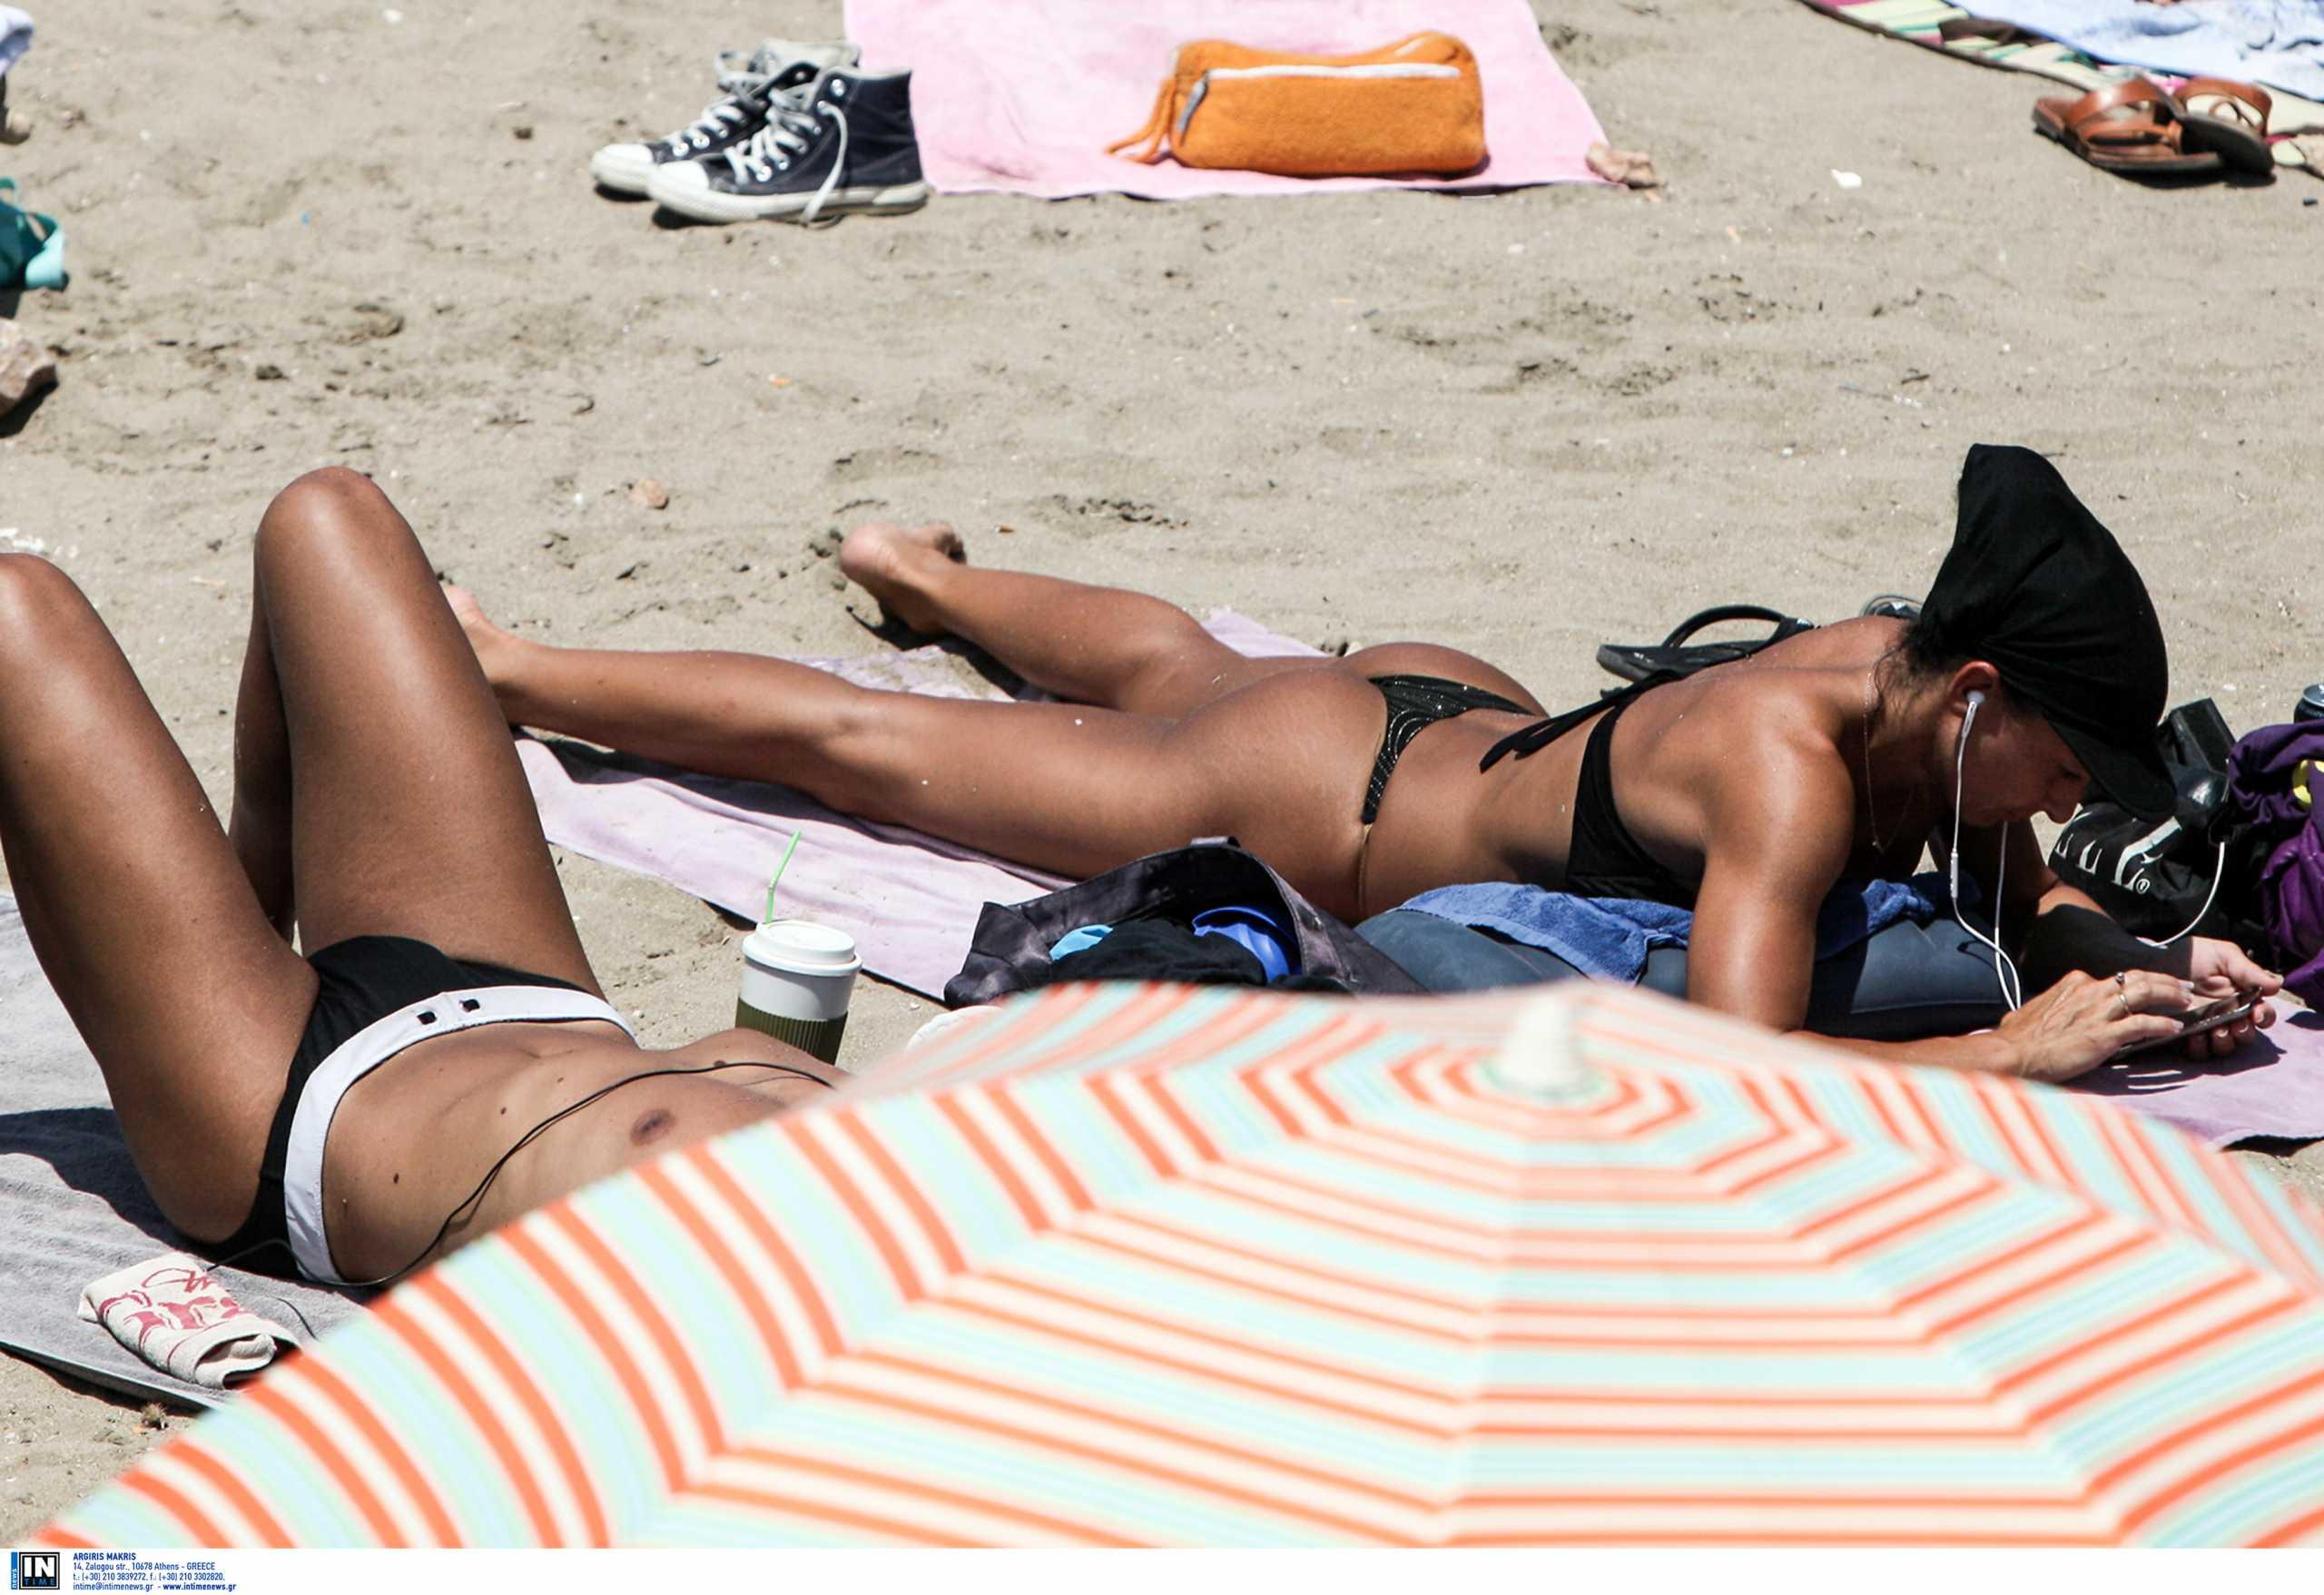 Φθιώτιδα: Τα χαμόγελα στην παραλία σταμάτησαν απότομα – Οι εικόνες που θα θυμούνται για καιρό